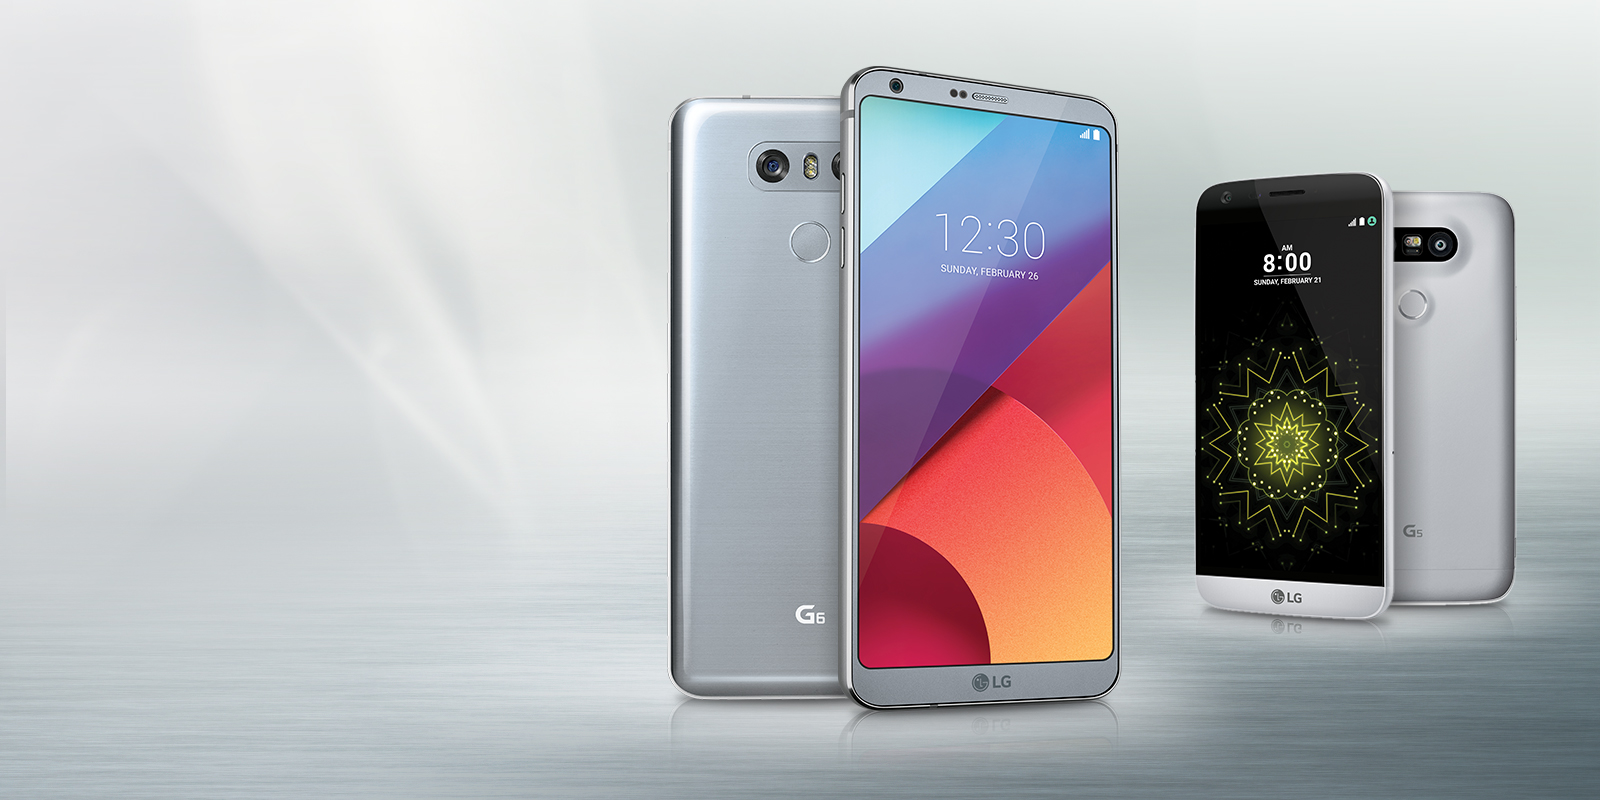 LG zmieni nazwê serii G